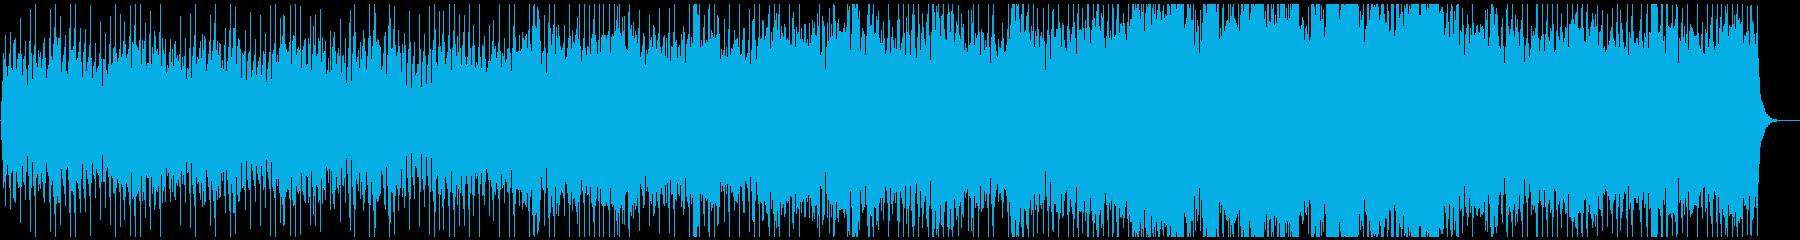 朝日が昇るような神秘的なピアノヒーリングの再生済みの波形